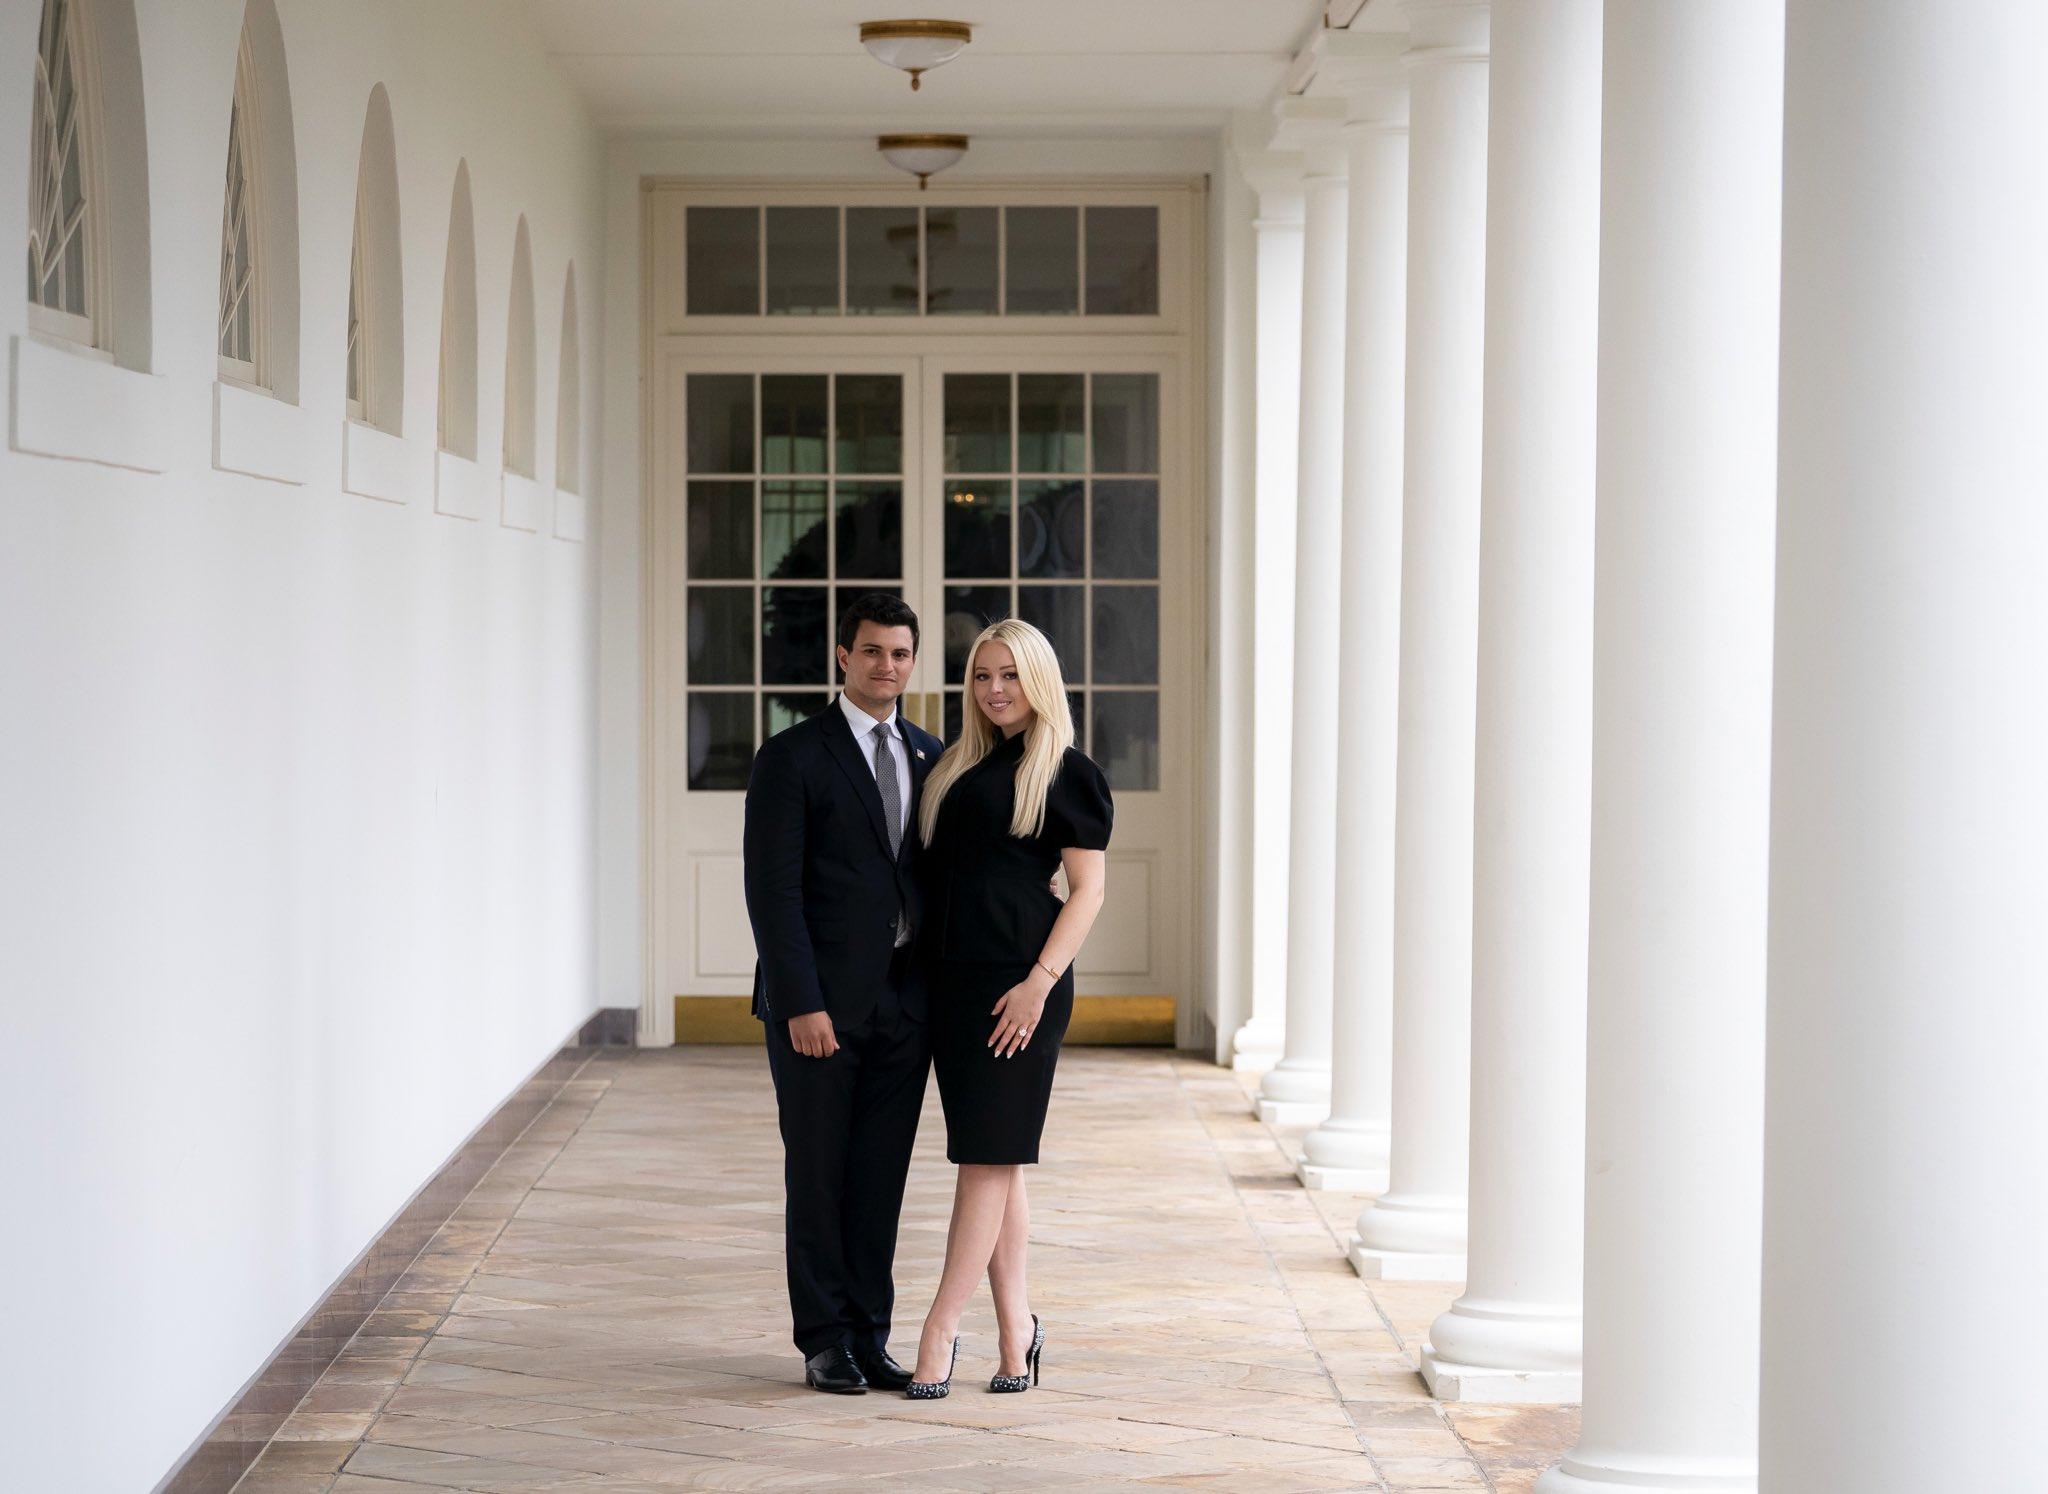 川普小女儿与富豪贵公子订婚!被伊万卡艳压多年,终于大翻身?